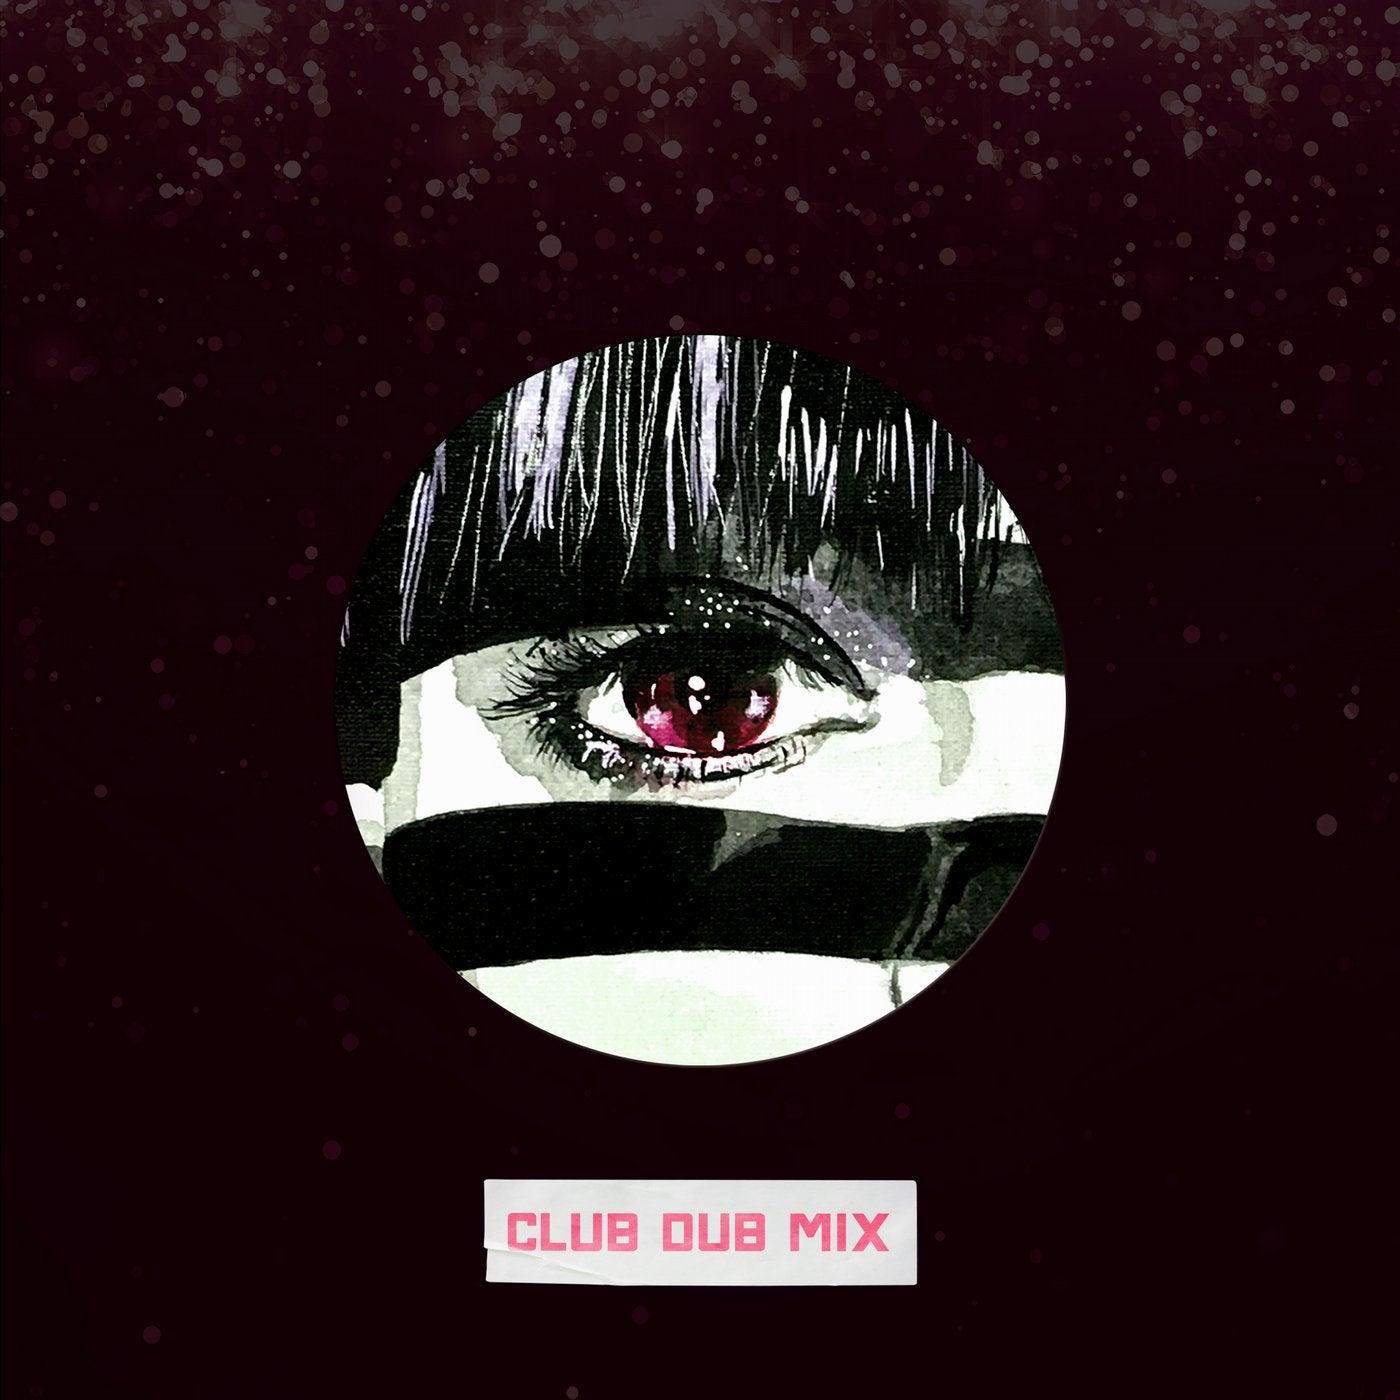 Hypnotized (Club Dub Mix)